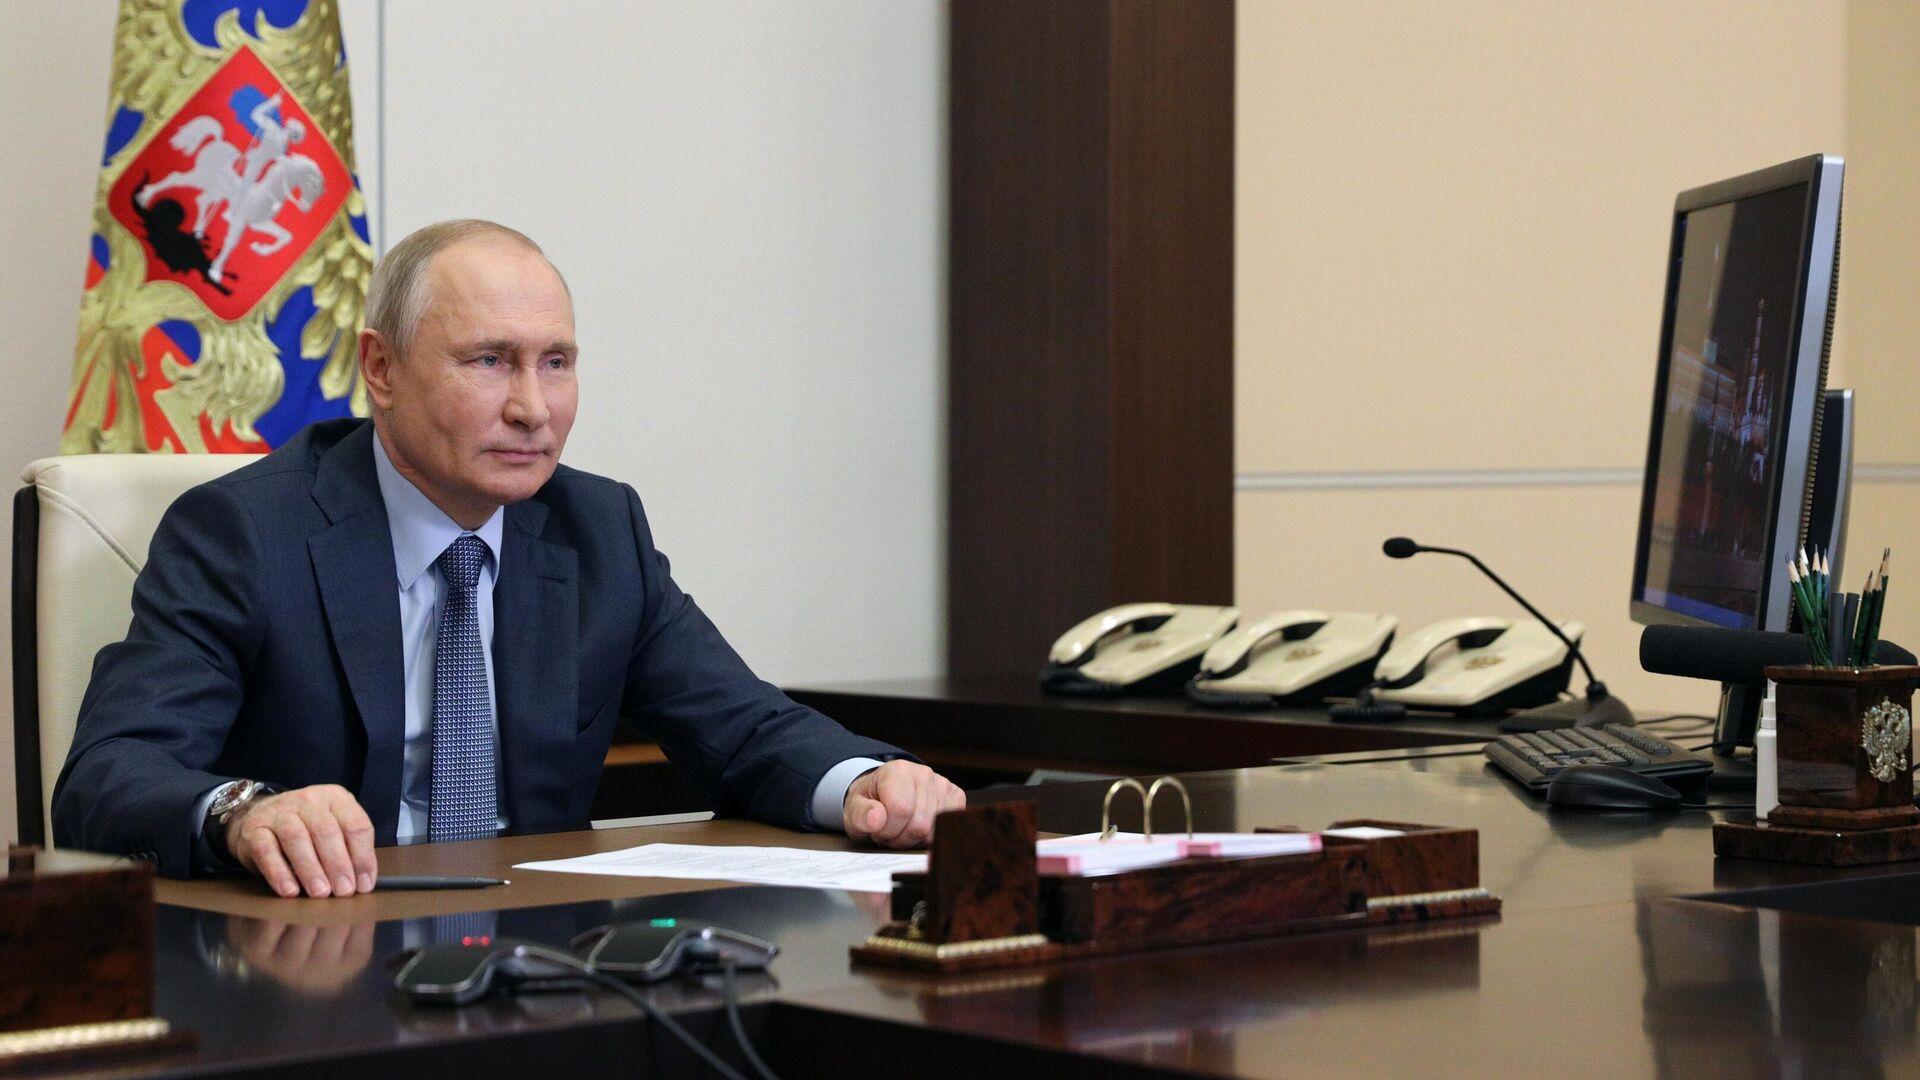 Президент РФ Владимир Путин во время встречи в режиме видеоконференции с представителями социальных организаций - РИА Новости, 1920, 11.06.2021